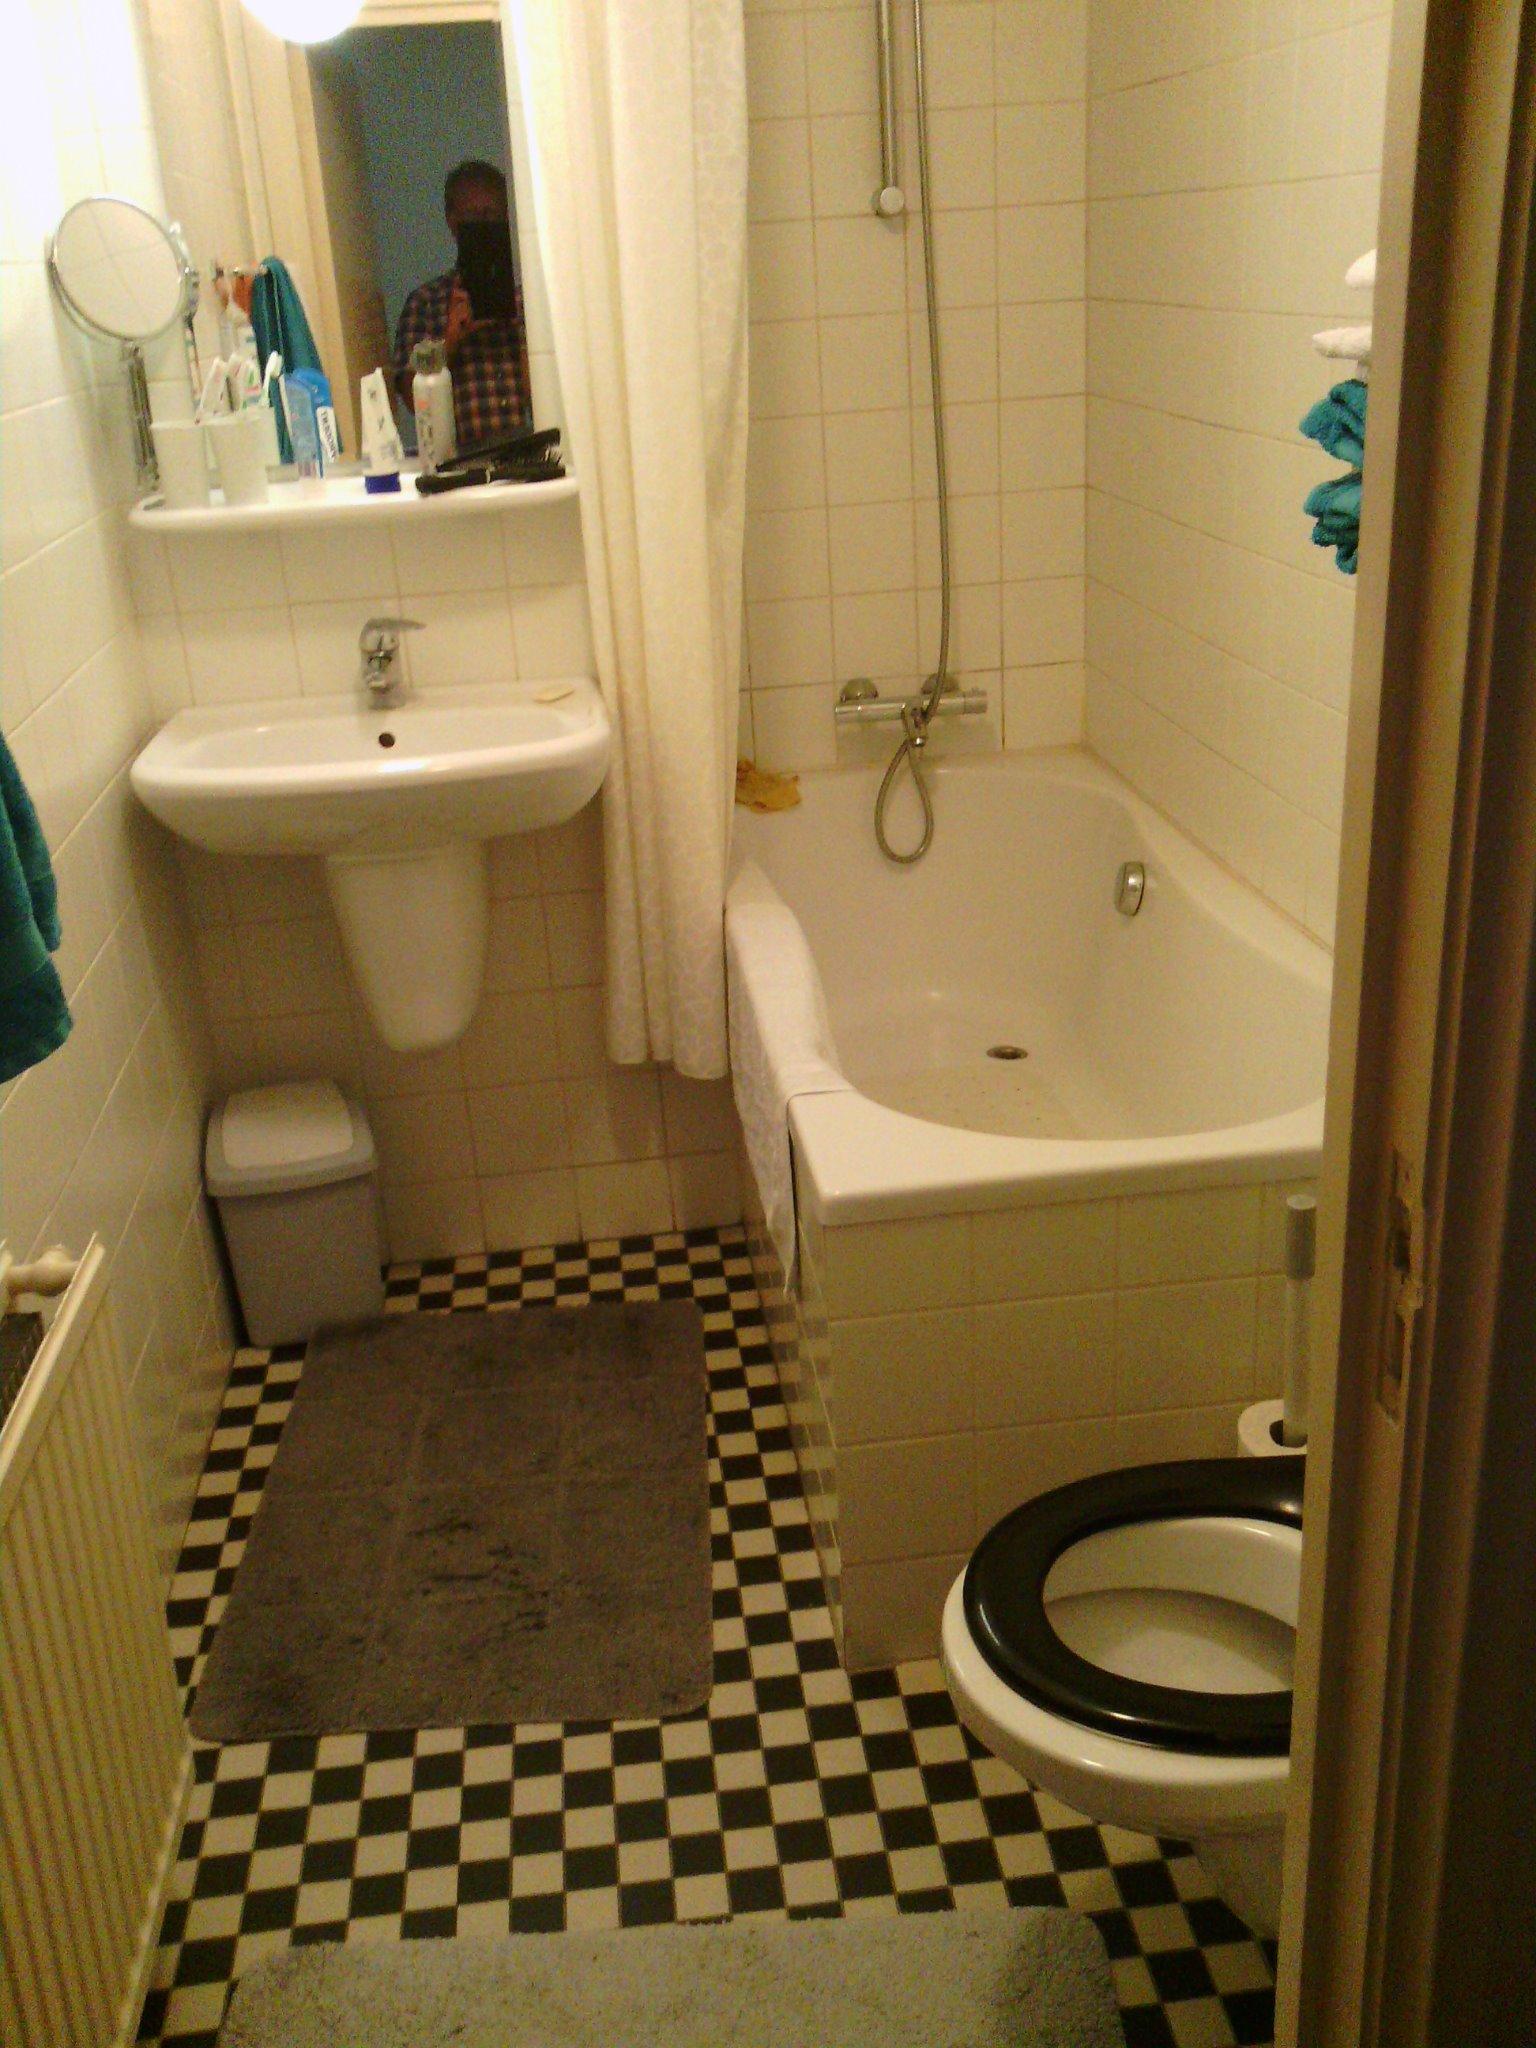 badkamer ombouwen tot inloopdouche werkspot